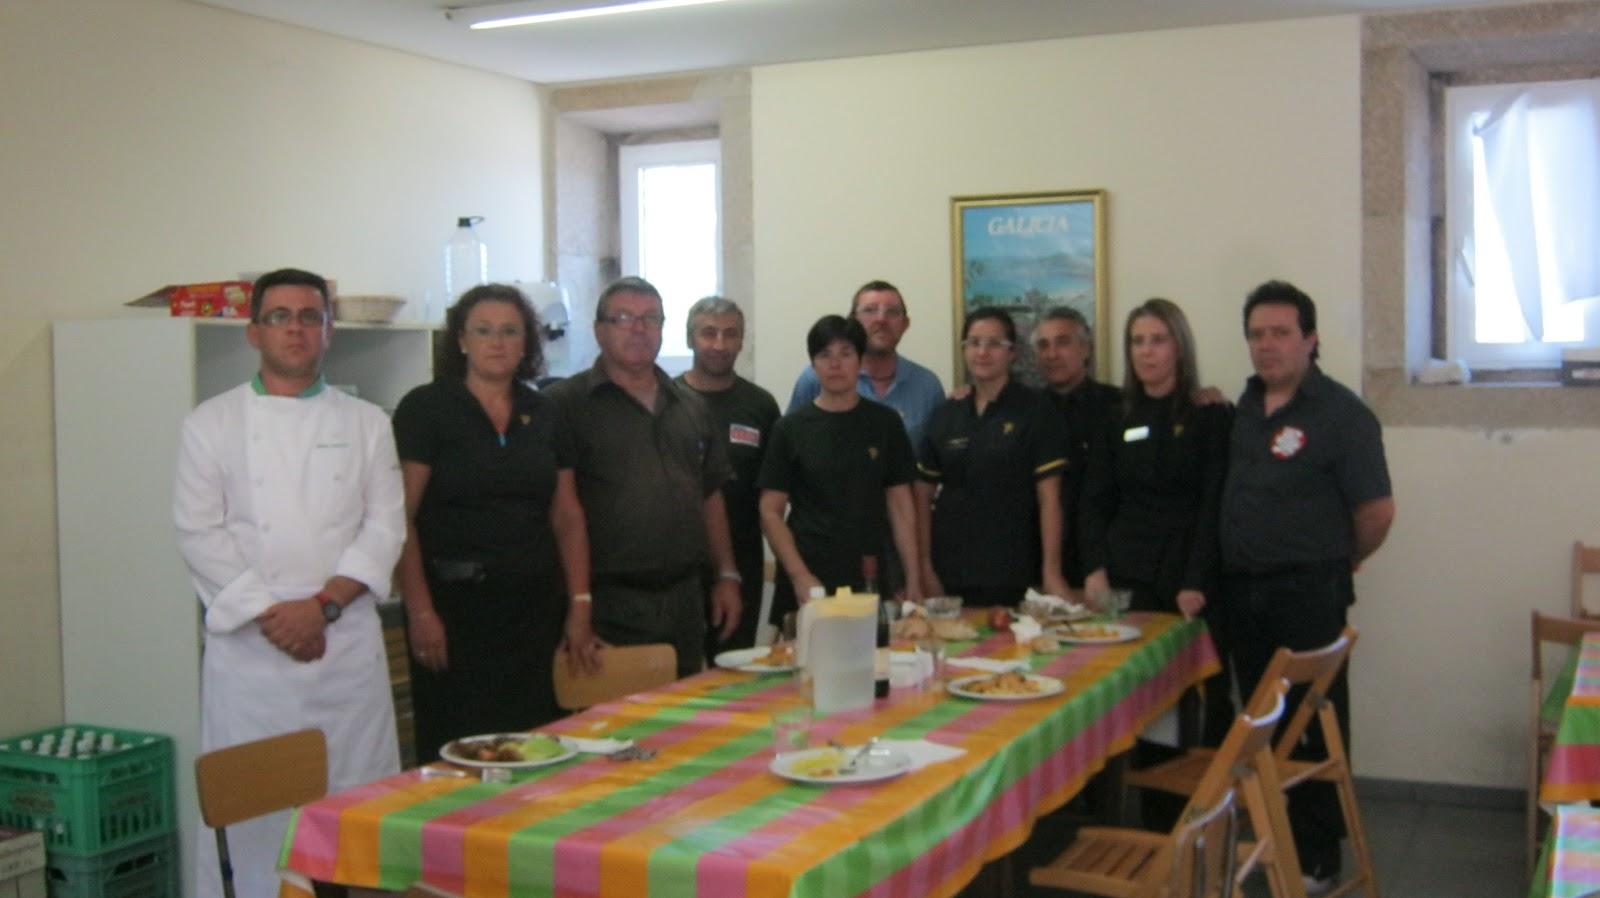 El comedor de familia jueves 19 concentraci n en baiona - El comedor de familia ...